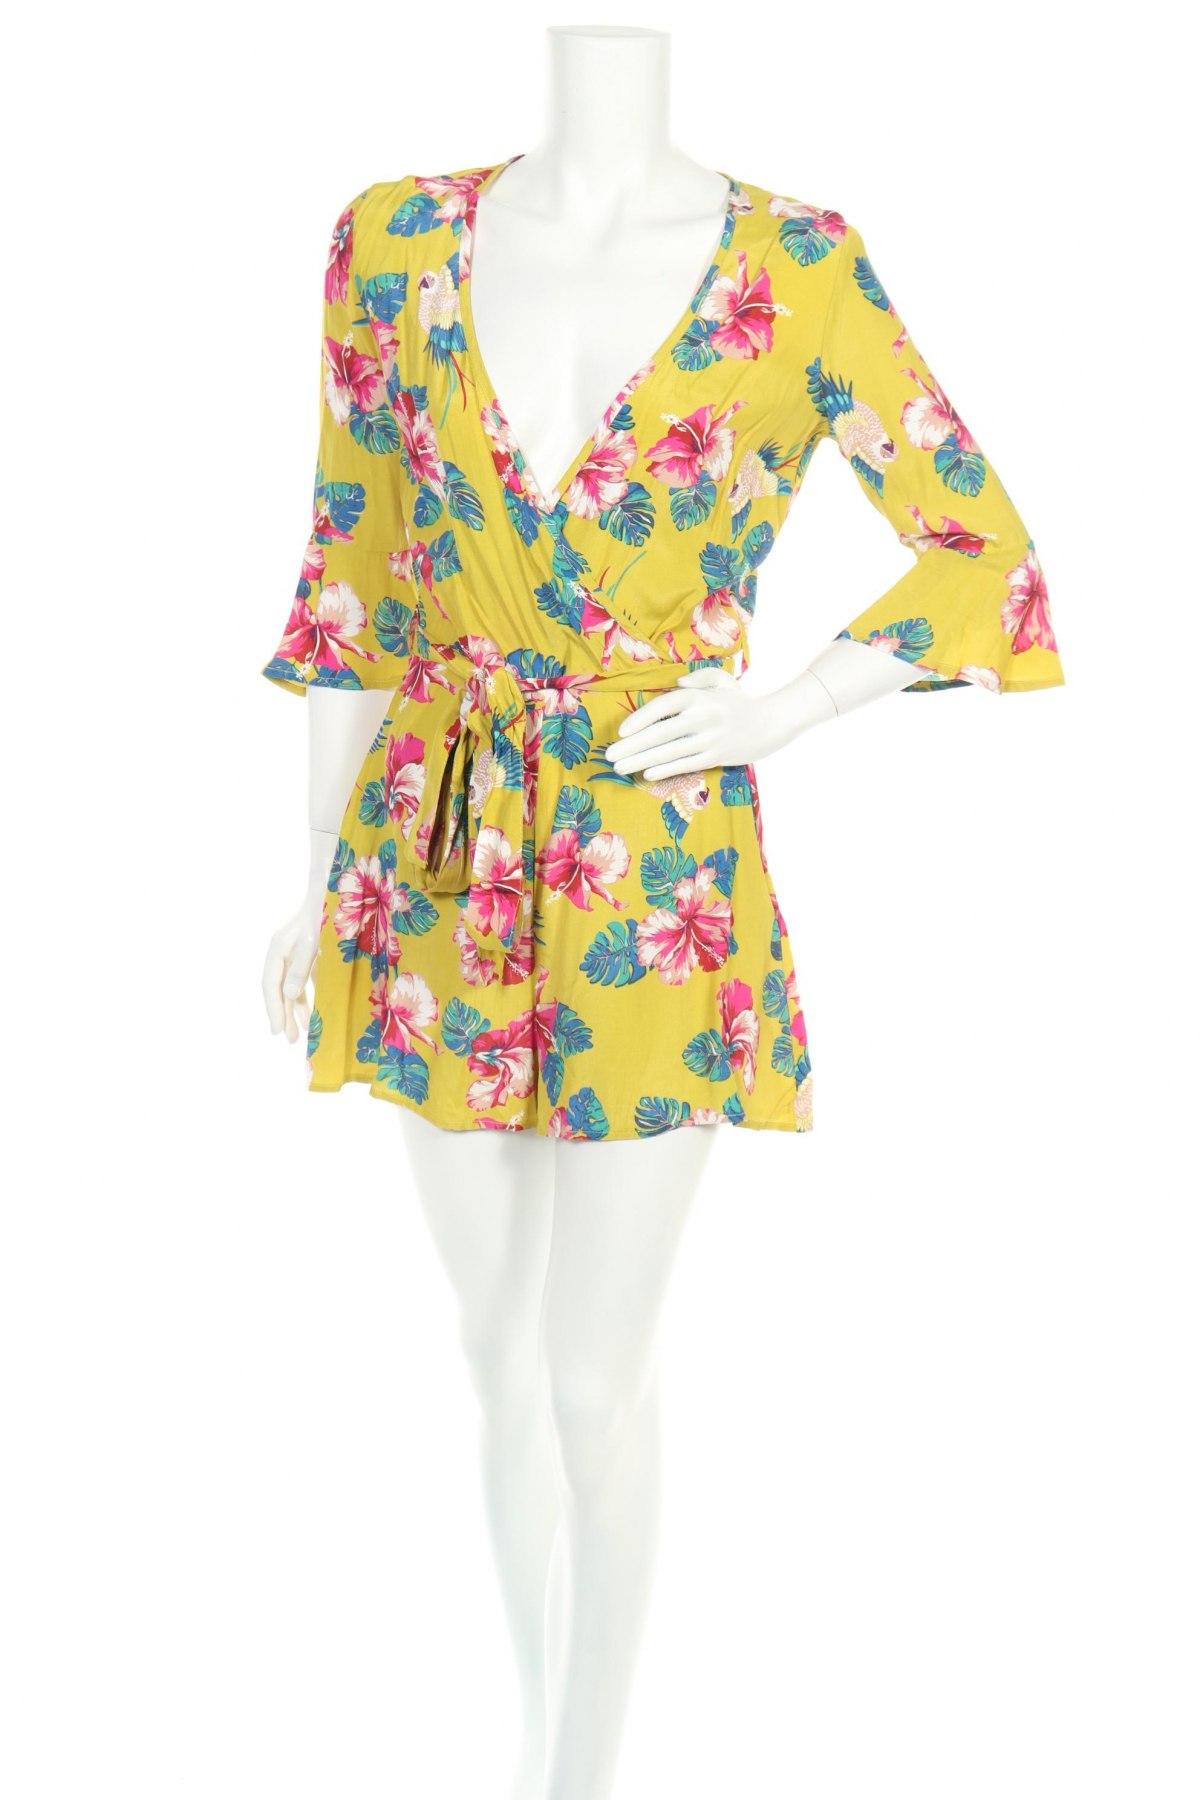 Γυναικεία σαλοπέτα Guess, Μέγεθος S, Χρώμα Πολύχρωμο, Βισκόζη, Τιμή 26,38€